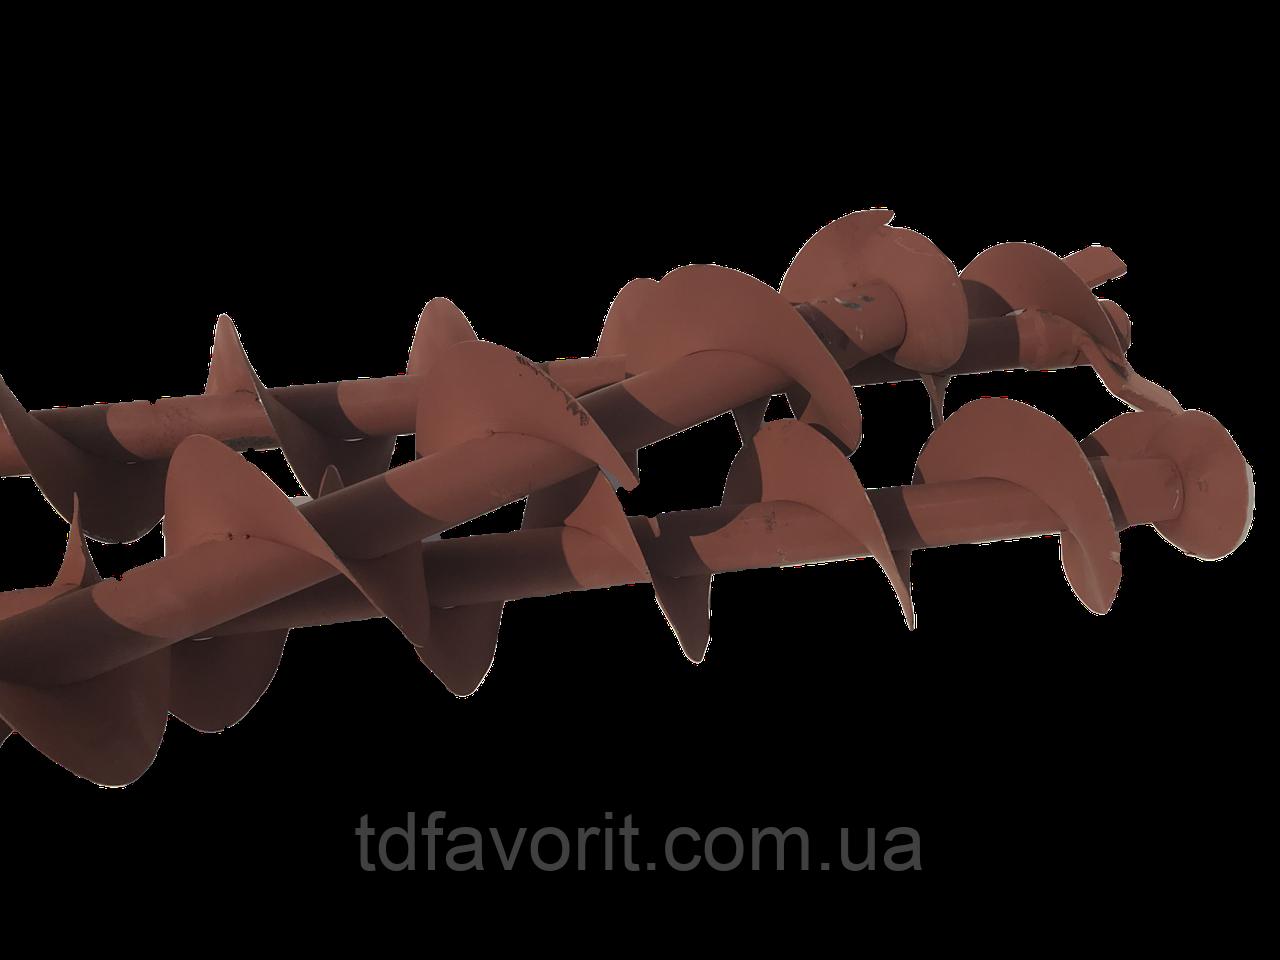 Шнек выгрузной ЗСК-10.011.020-У удлиненный